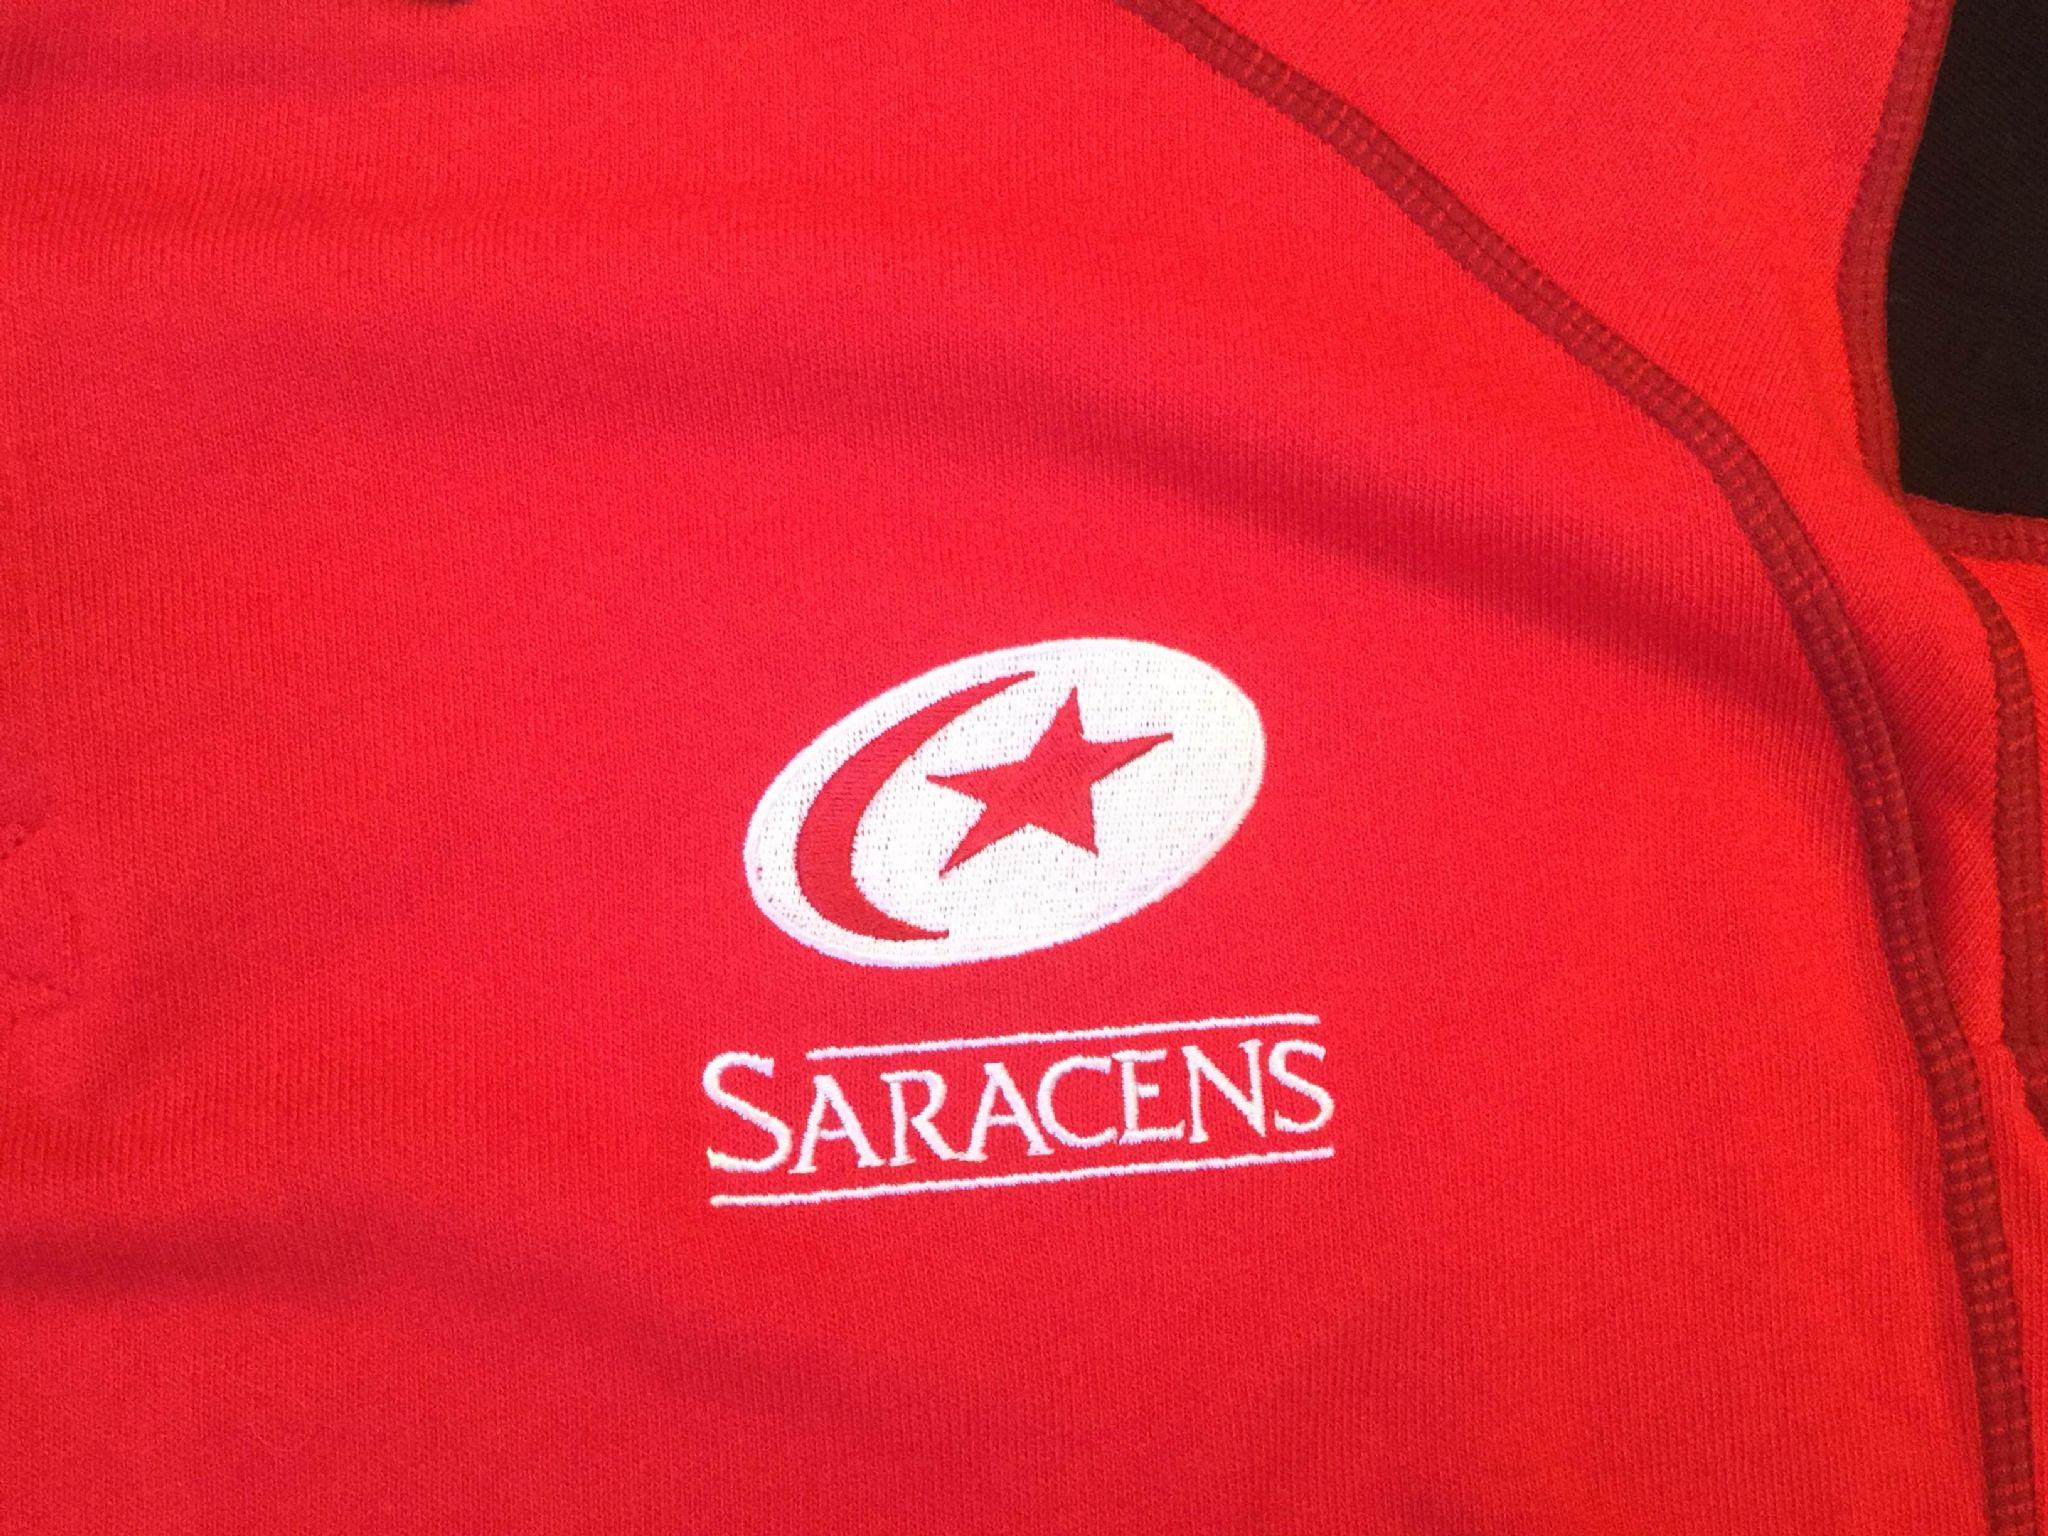 saracens - photo #21